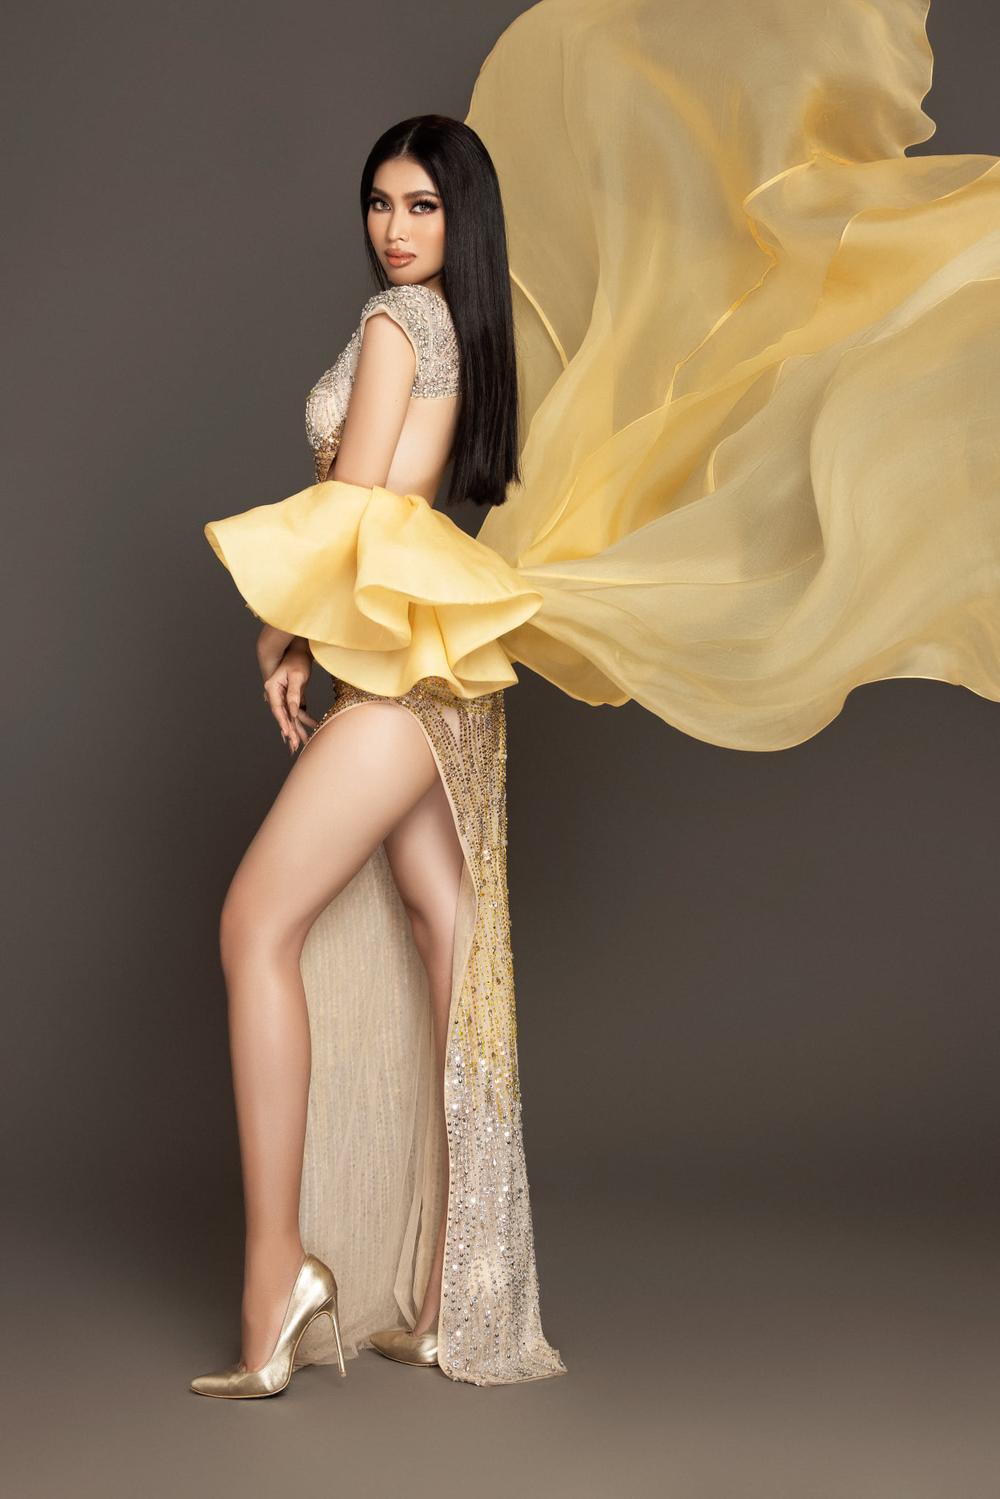 7 bộ váy dạ hội đẹp tinh xảo mà Ngọc Thảo không có cơ hội trình diễn tại Miss Grand International Ảnh 2